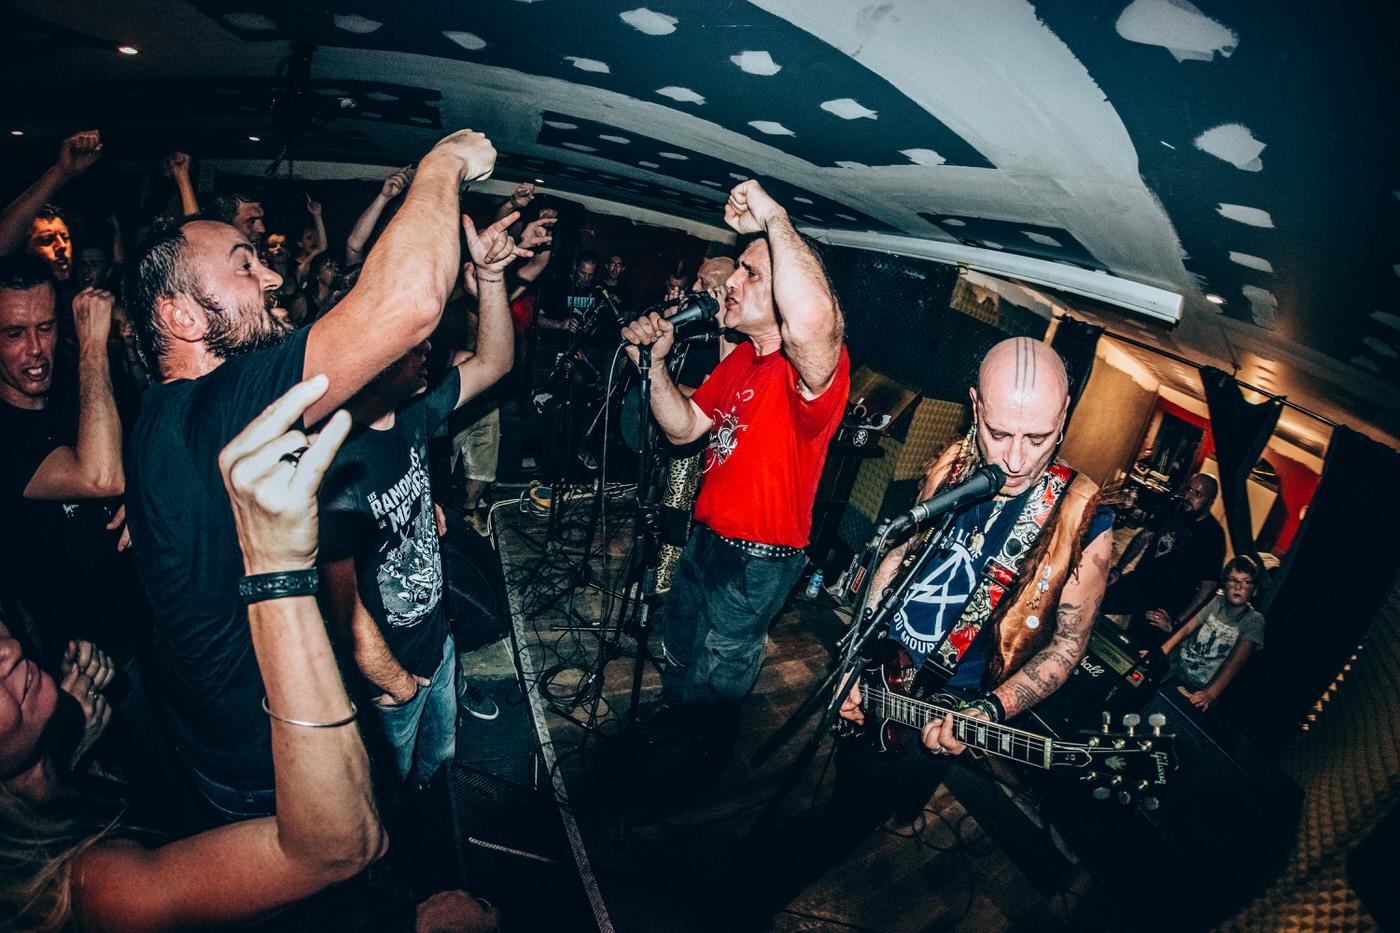 Les Ramoneurs de Menhirs en concert au Dropkick Bar